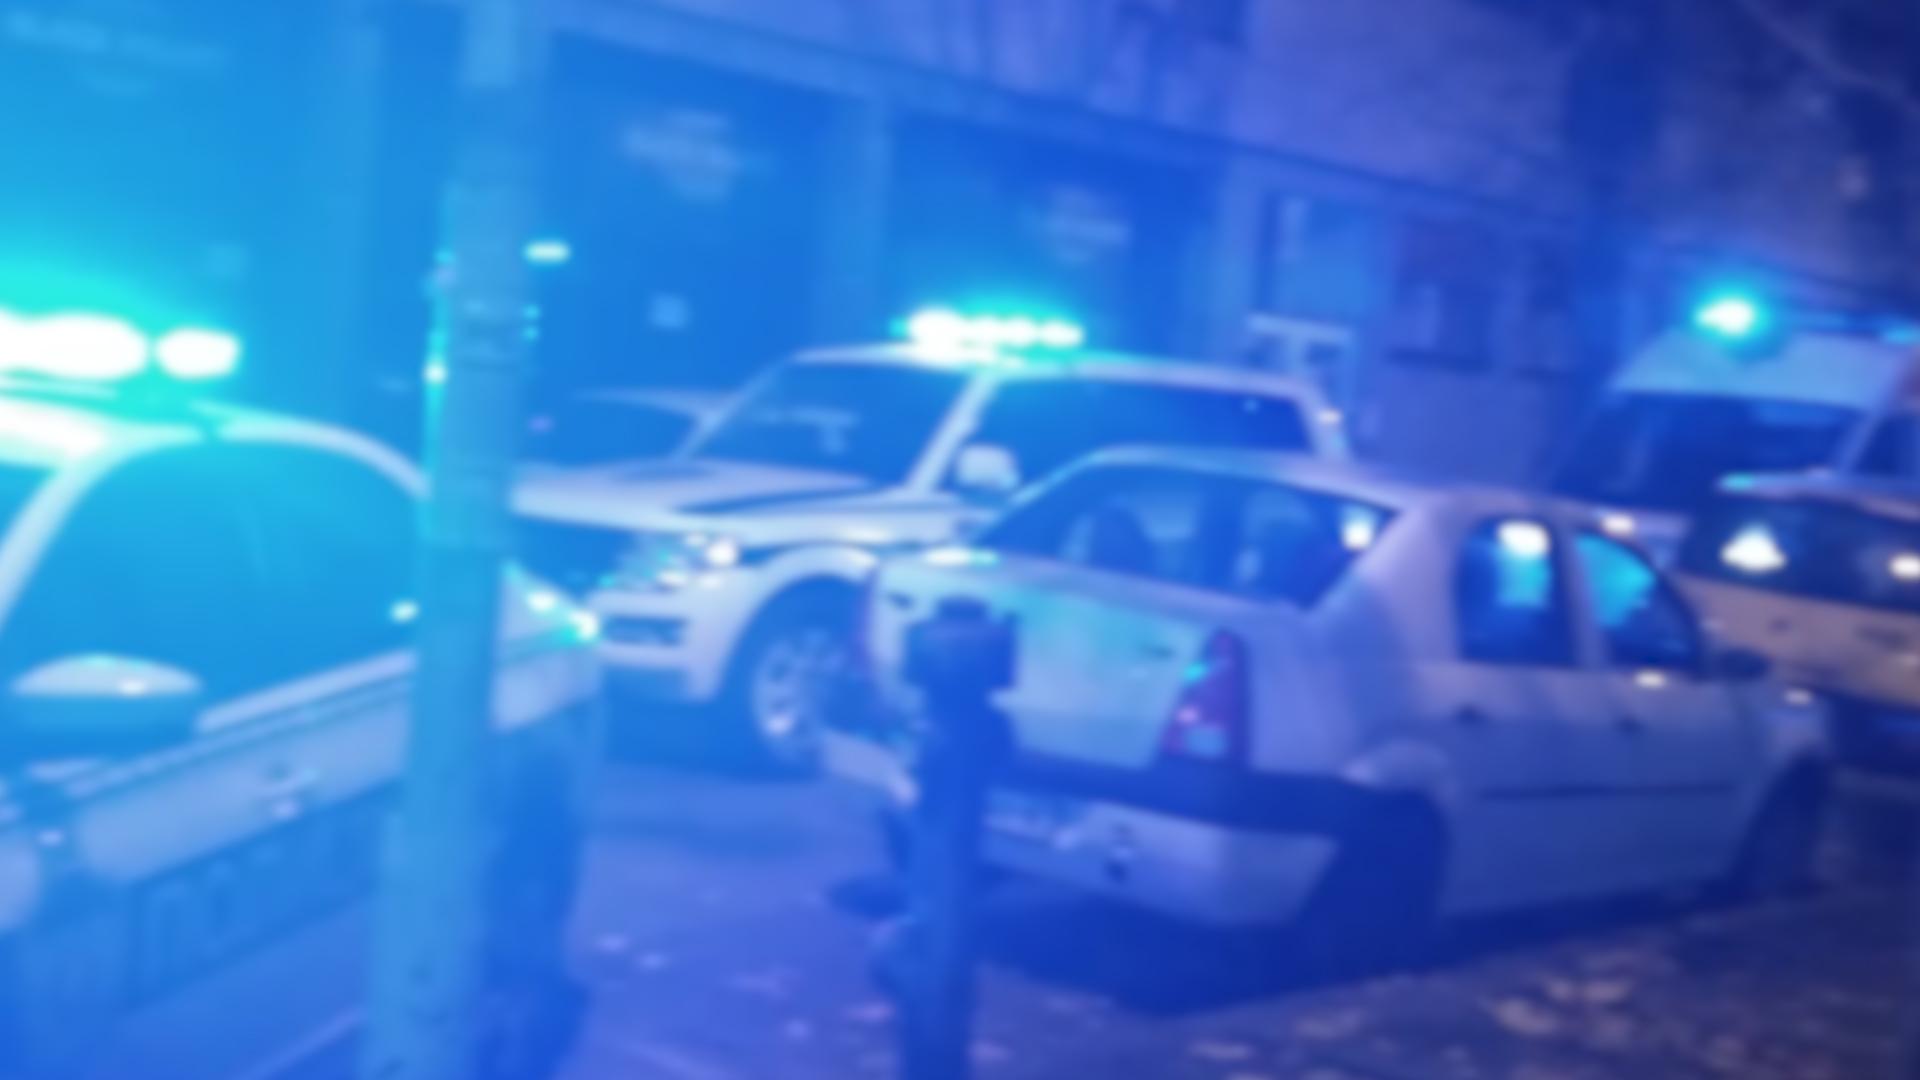 PUCNjAVA U BEOGRADU: Muškarac ranjen u centru grada!